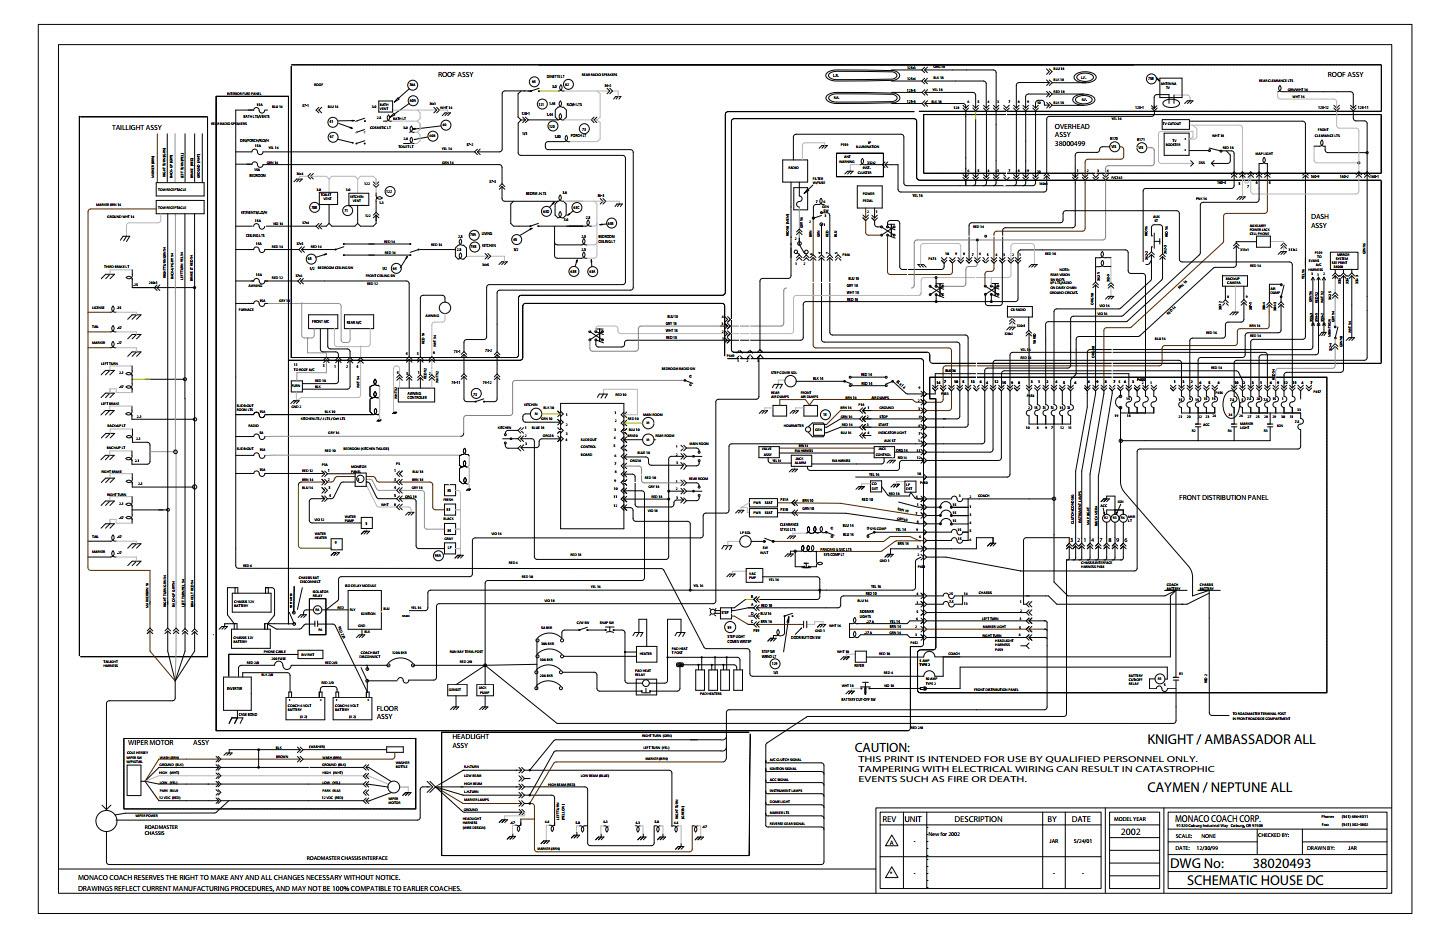 Holiday Rambler Rv Wiring Diagram - 2007 Yaris Wiring Diagram -  fuses-boxs.yenpancane.jeanjaures37.fr | 2005 Holiday Rambler Wiring Diagram |  | Wiring Diagram Resource